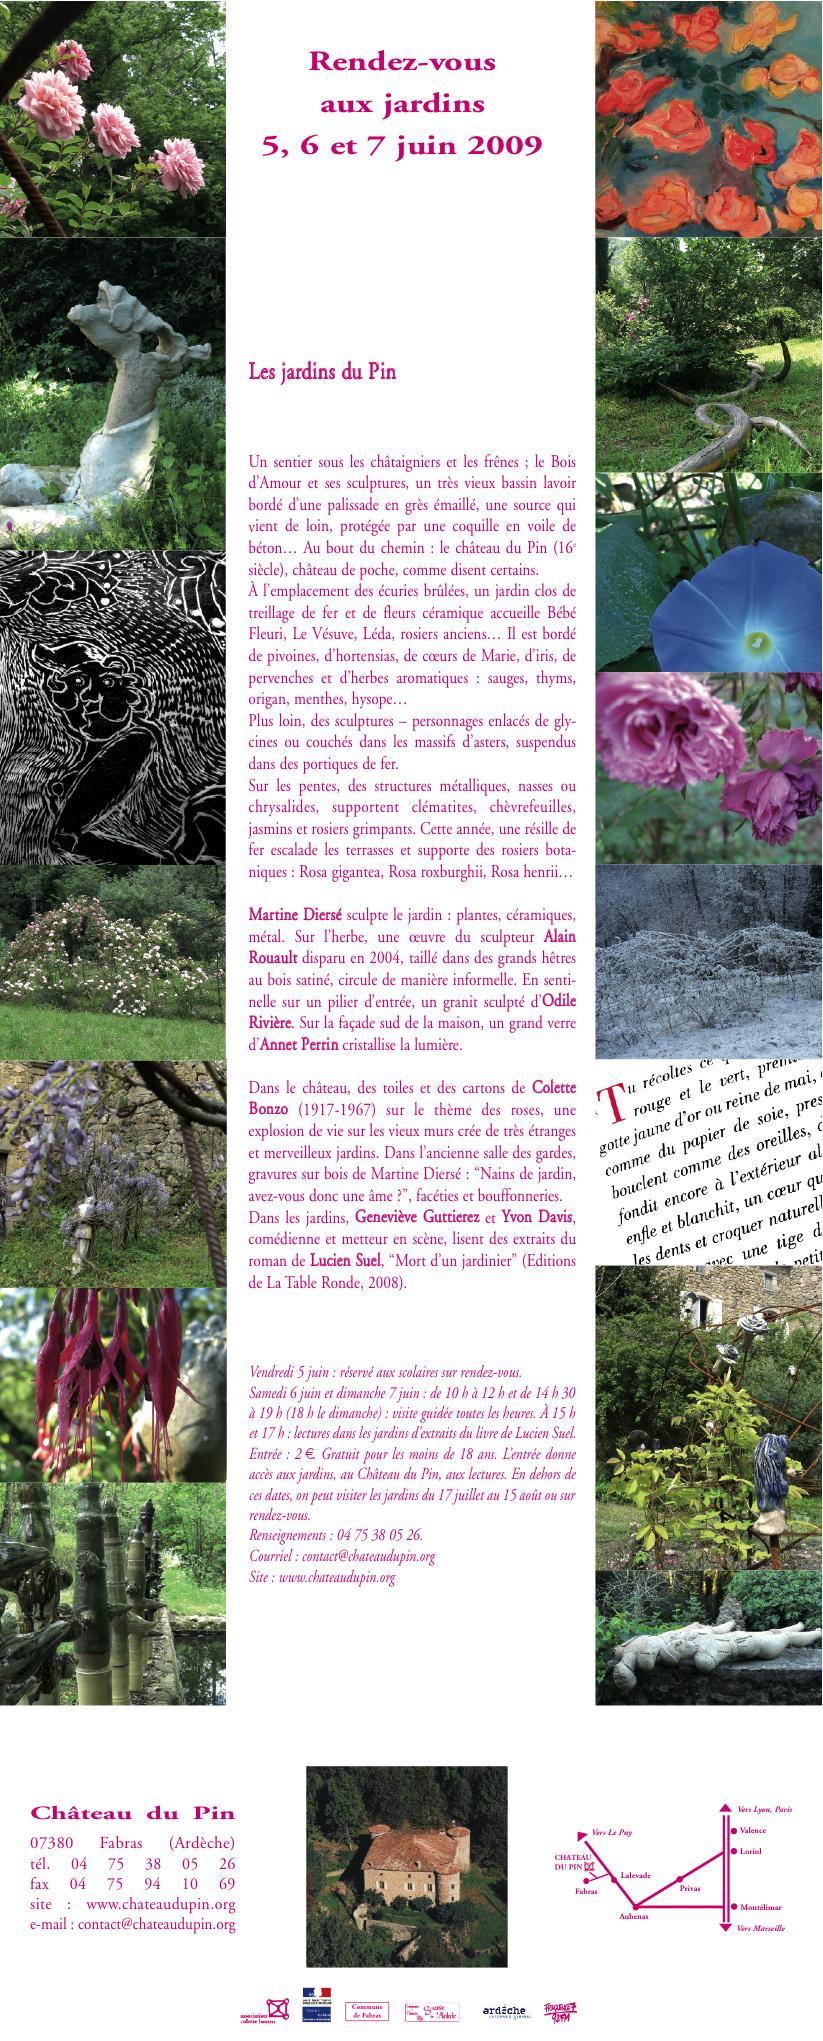 """Invitation aux """"Rendez-vous aux jardins"""" des 5, 6 et 7 juin 2009."""